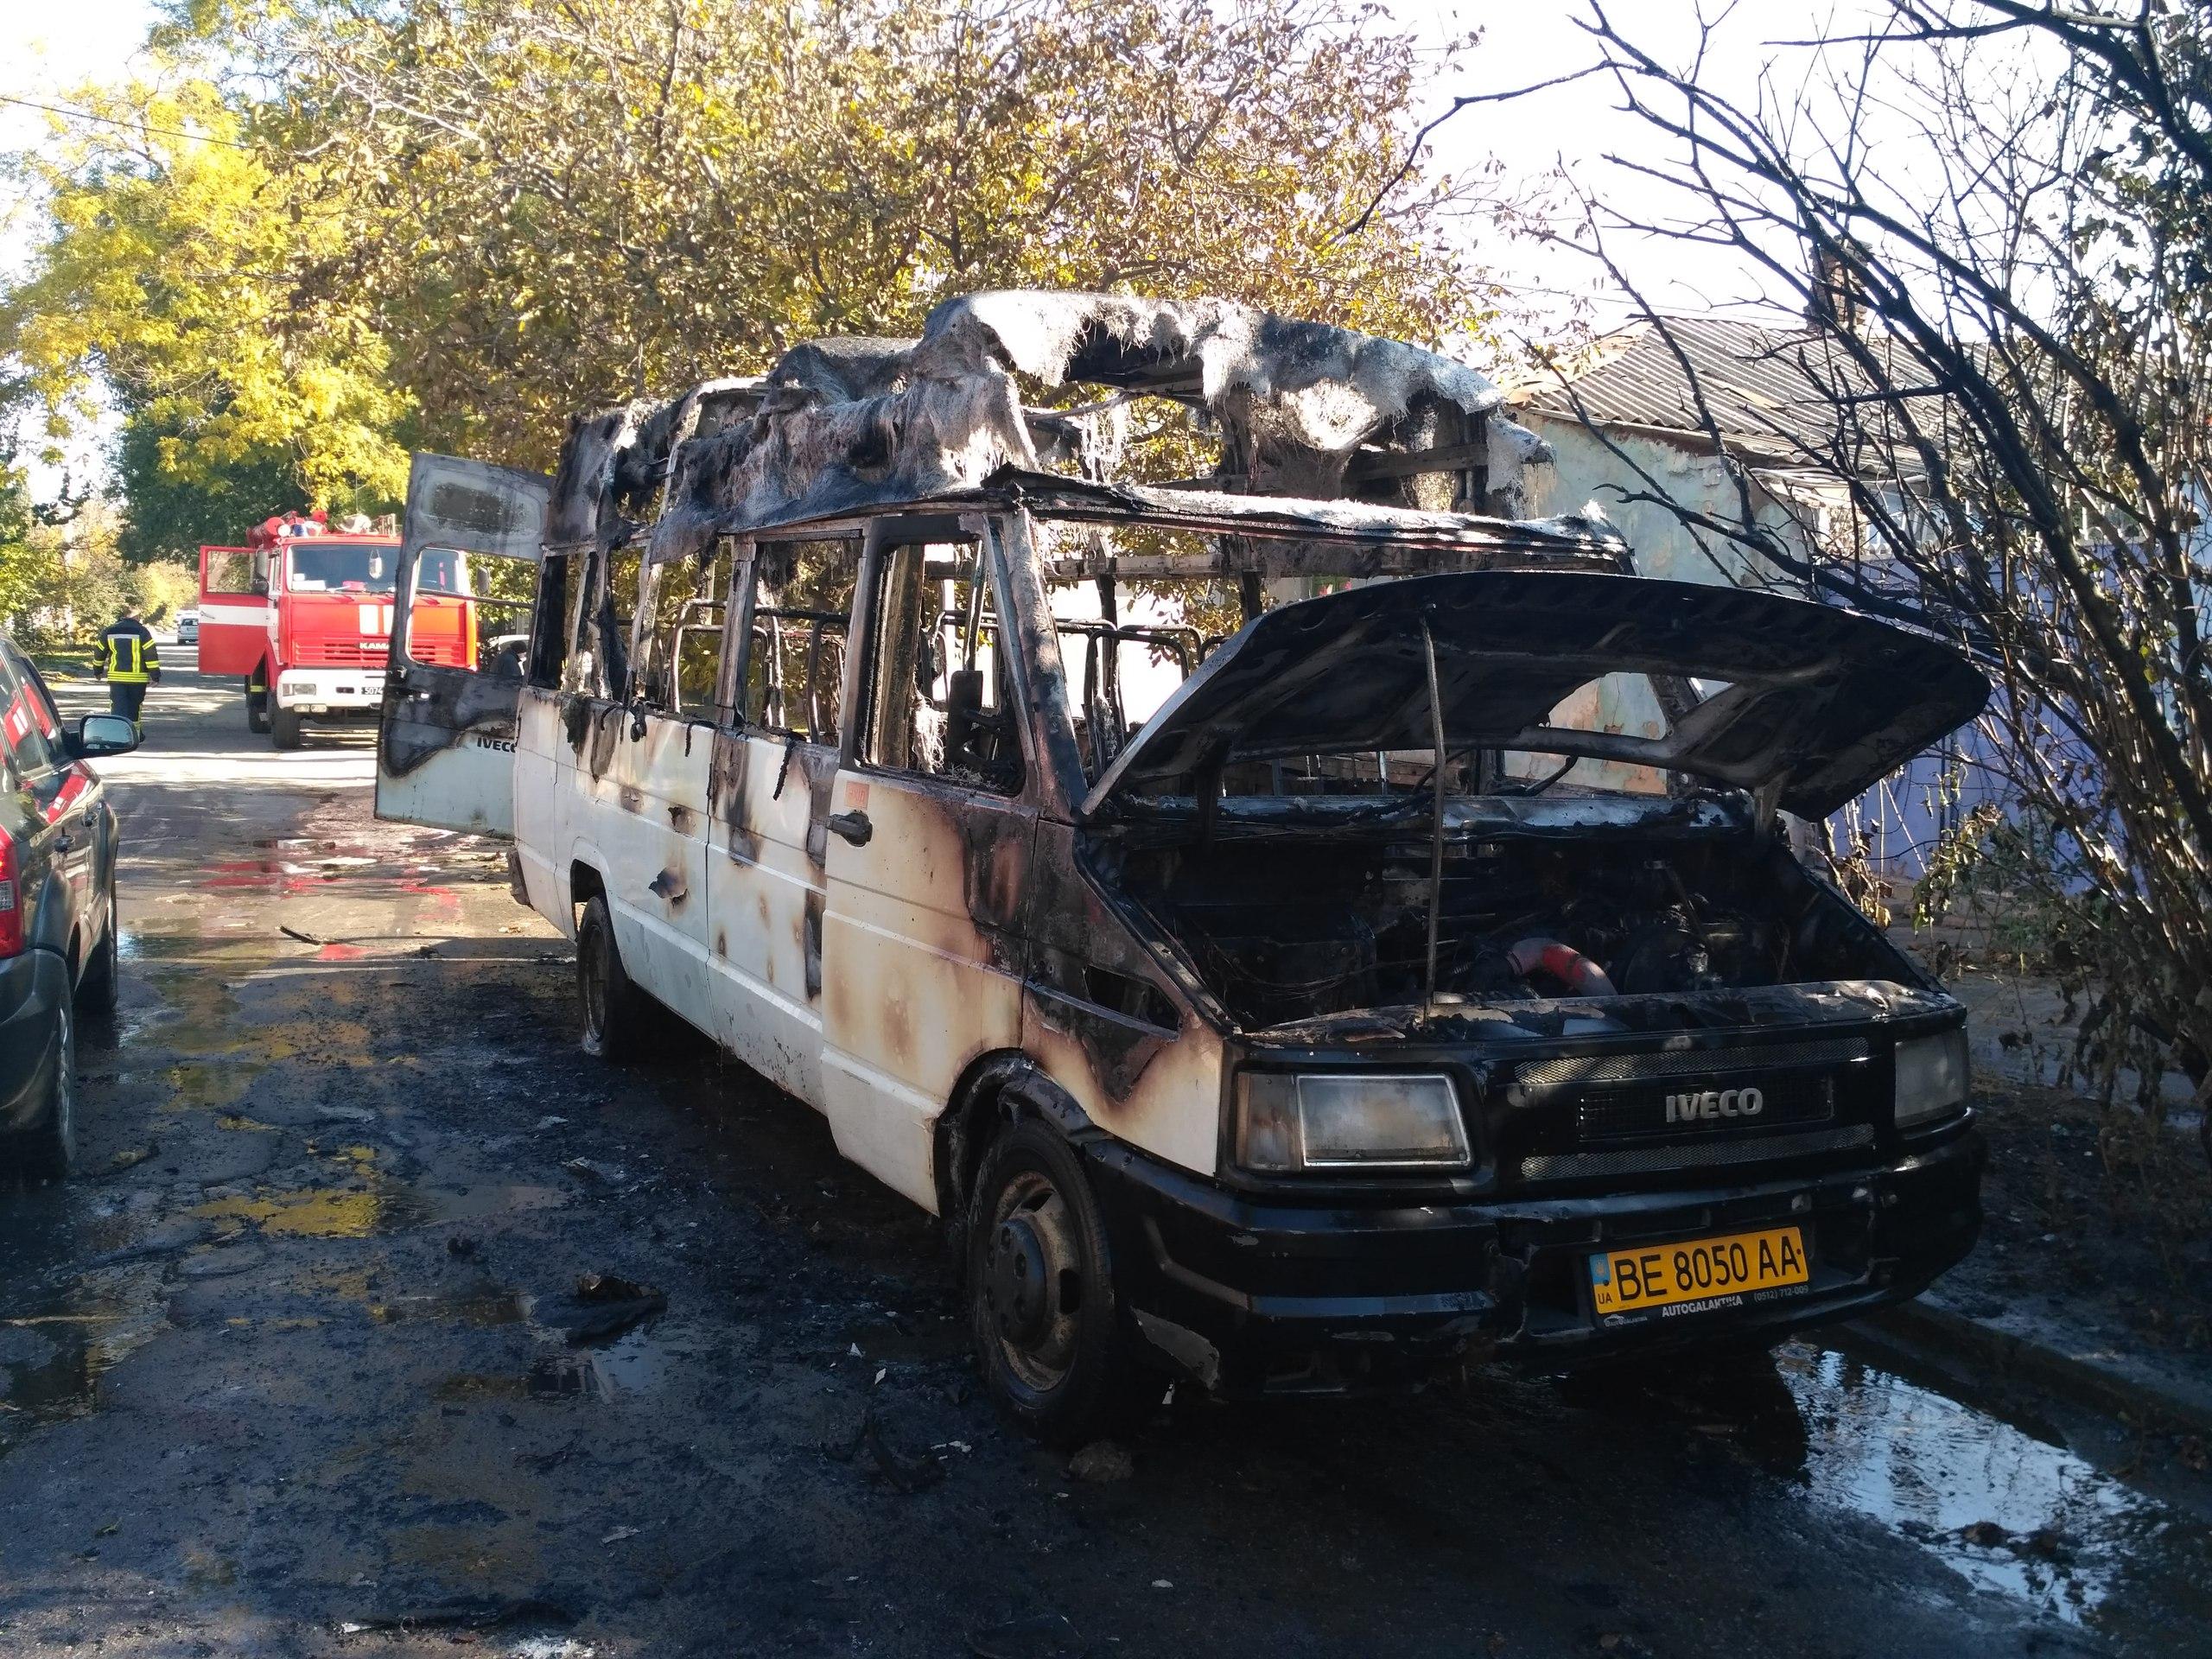 В центре Херсона сгорел автобус, предположительно поджог (фото)